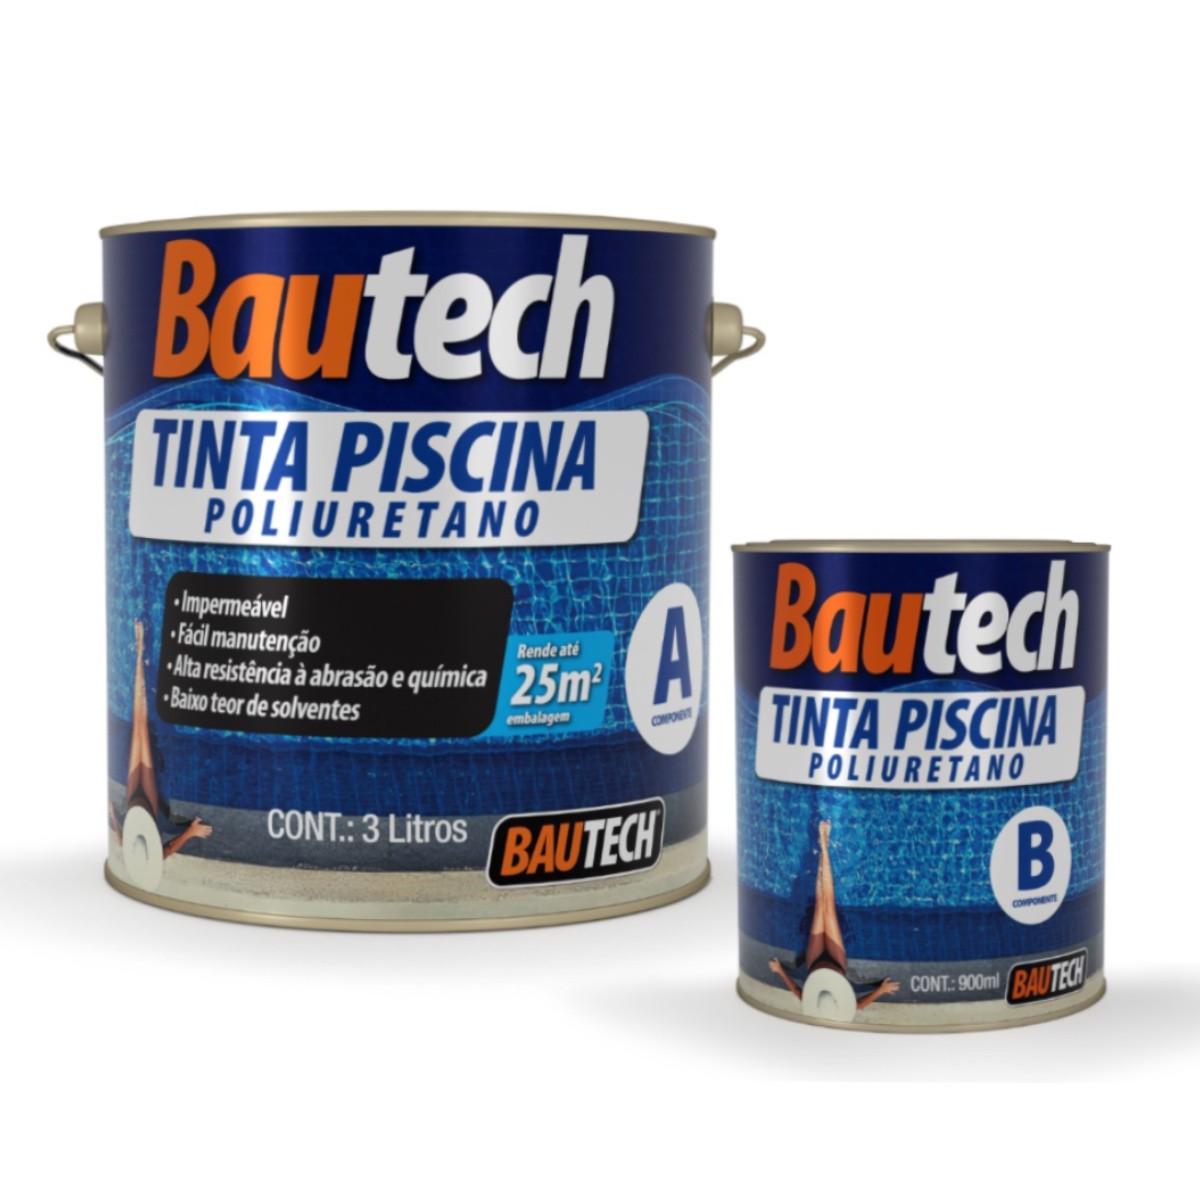 Tinta Piscina Poliuretano Bautech 4kg